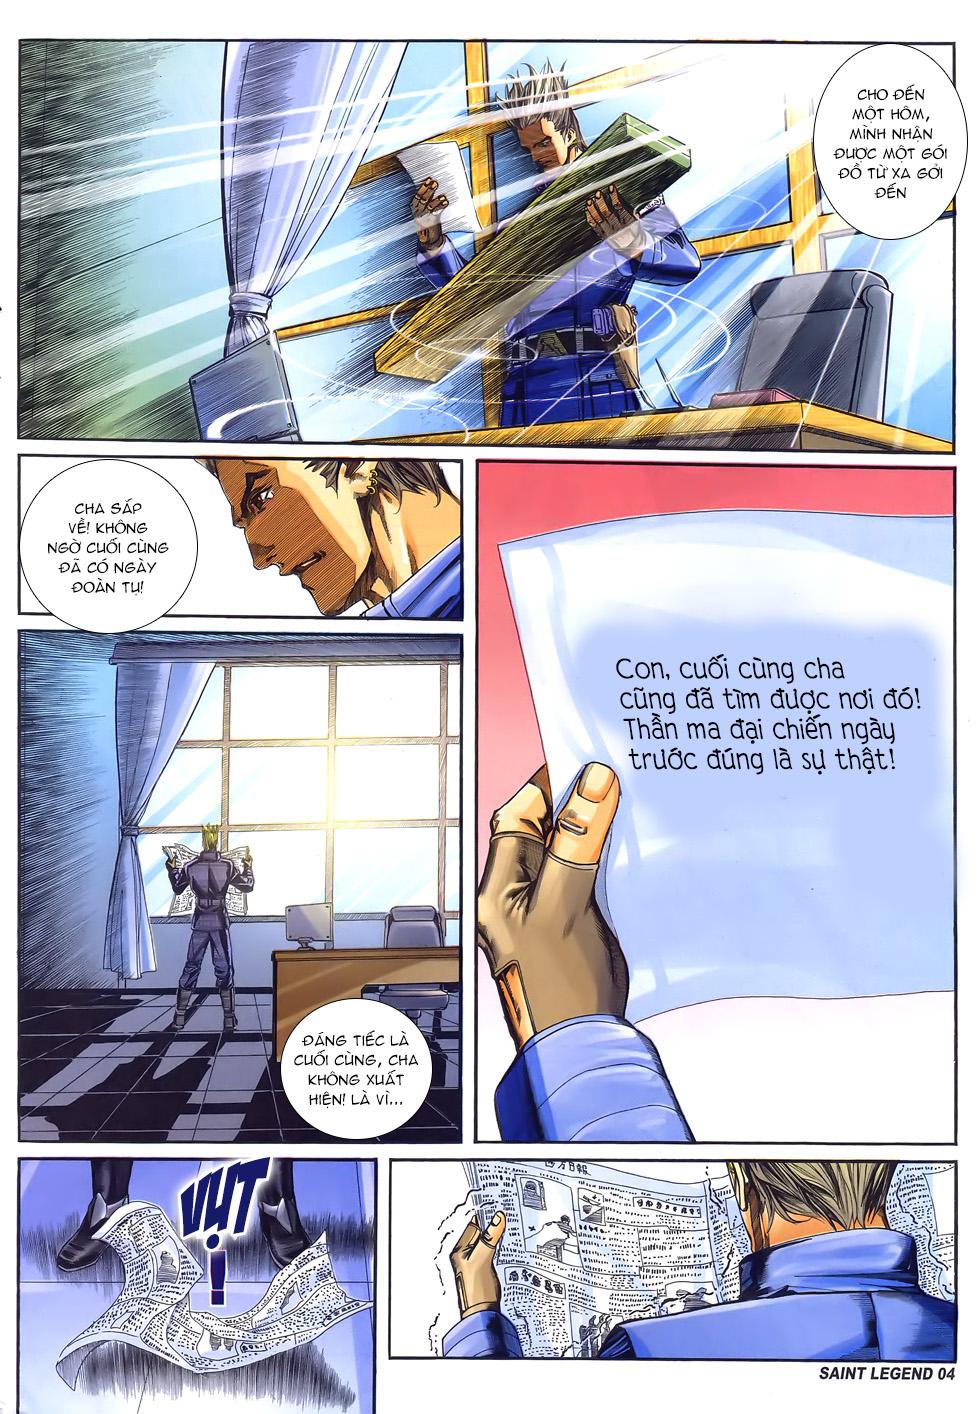 xem truyen moi - BÁT TIÊN ĐẠO - Chapter 59: Kim Cang Pháo chi mê